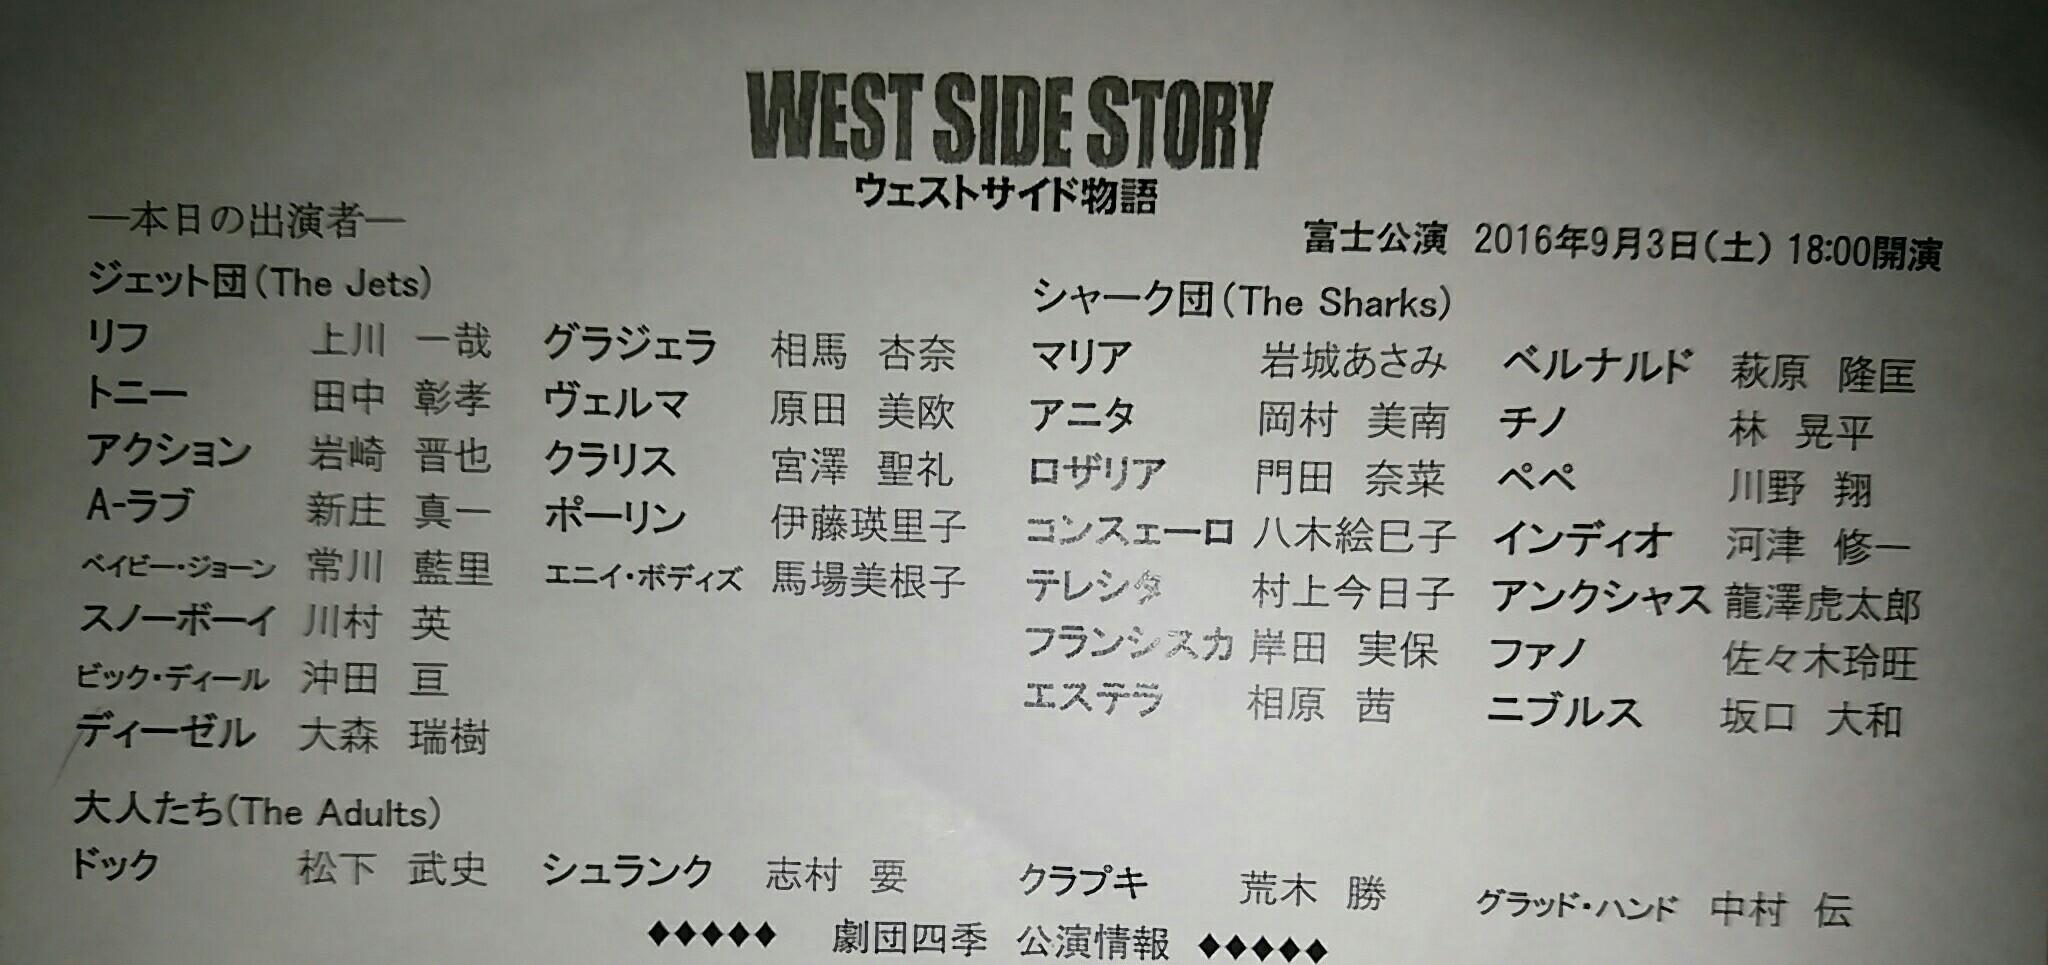 9/3「WEST SIDE STORY」富士公演